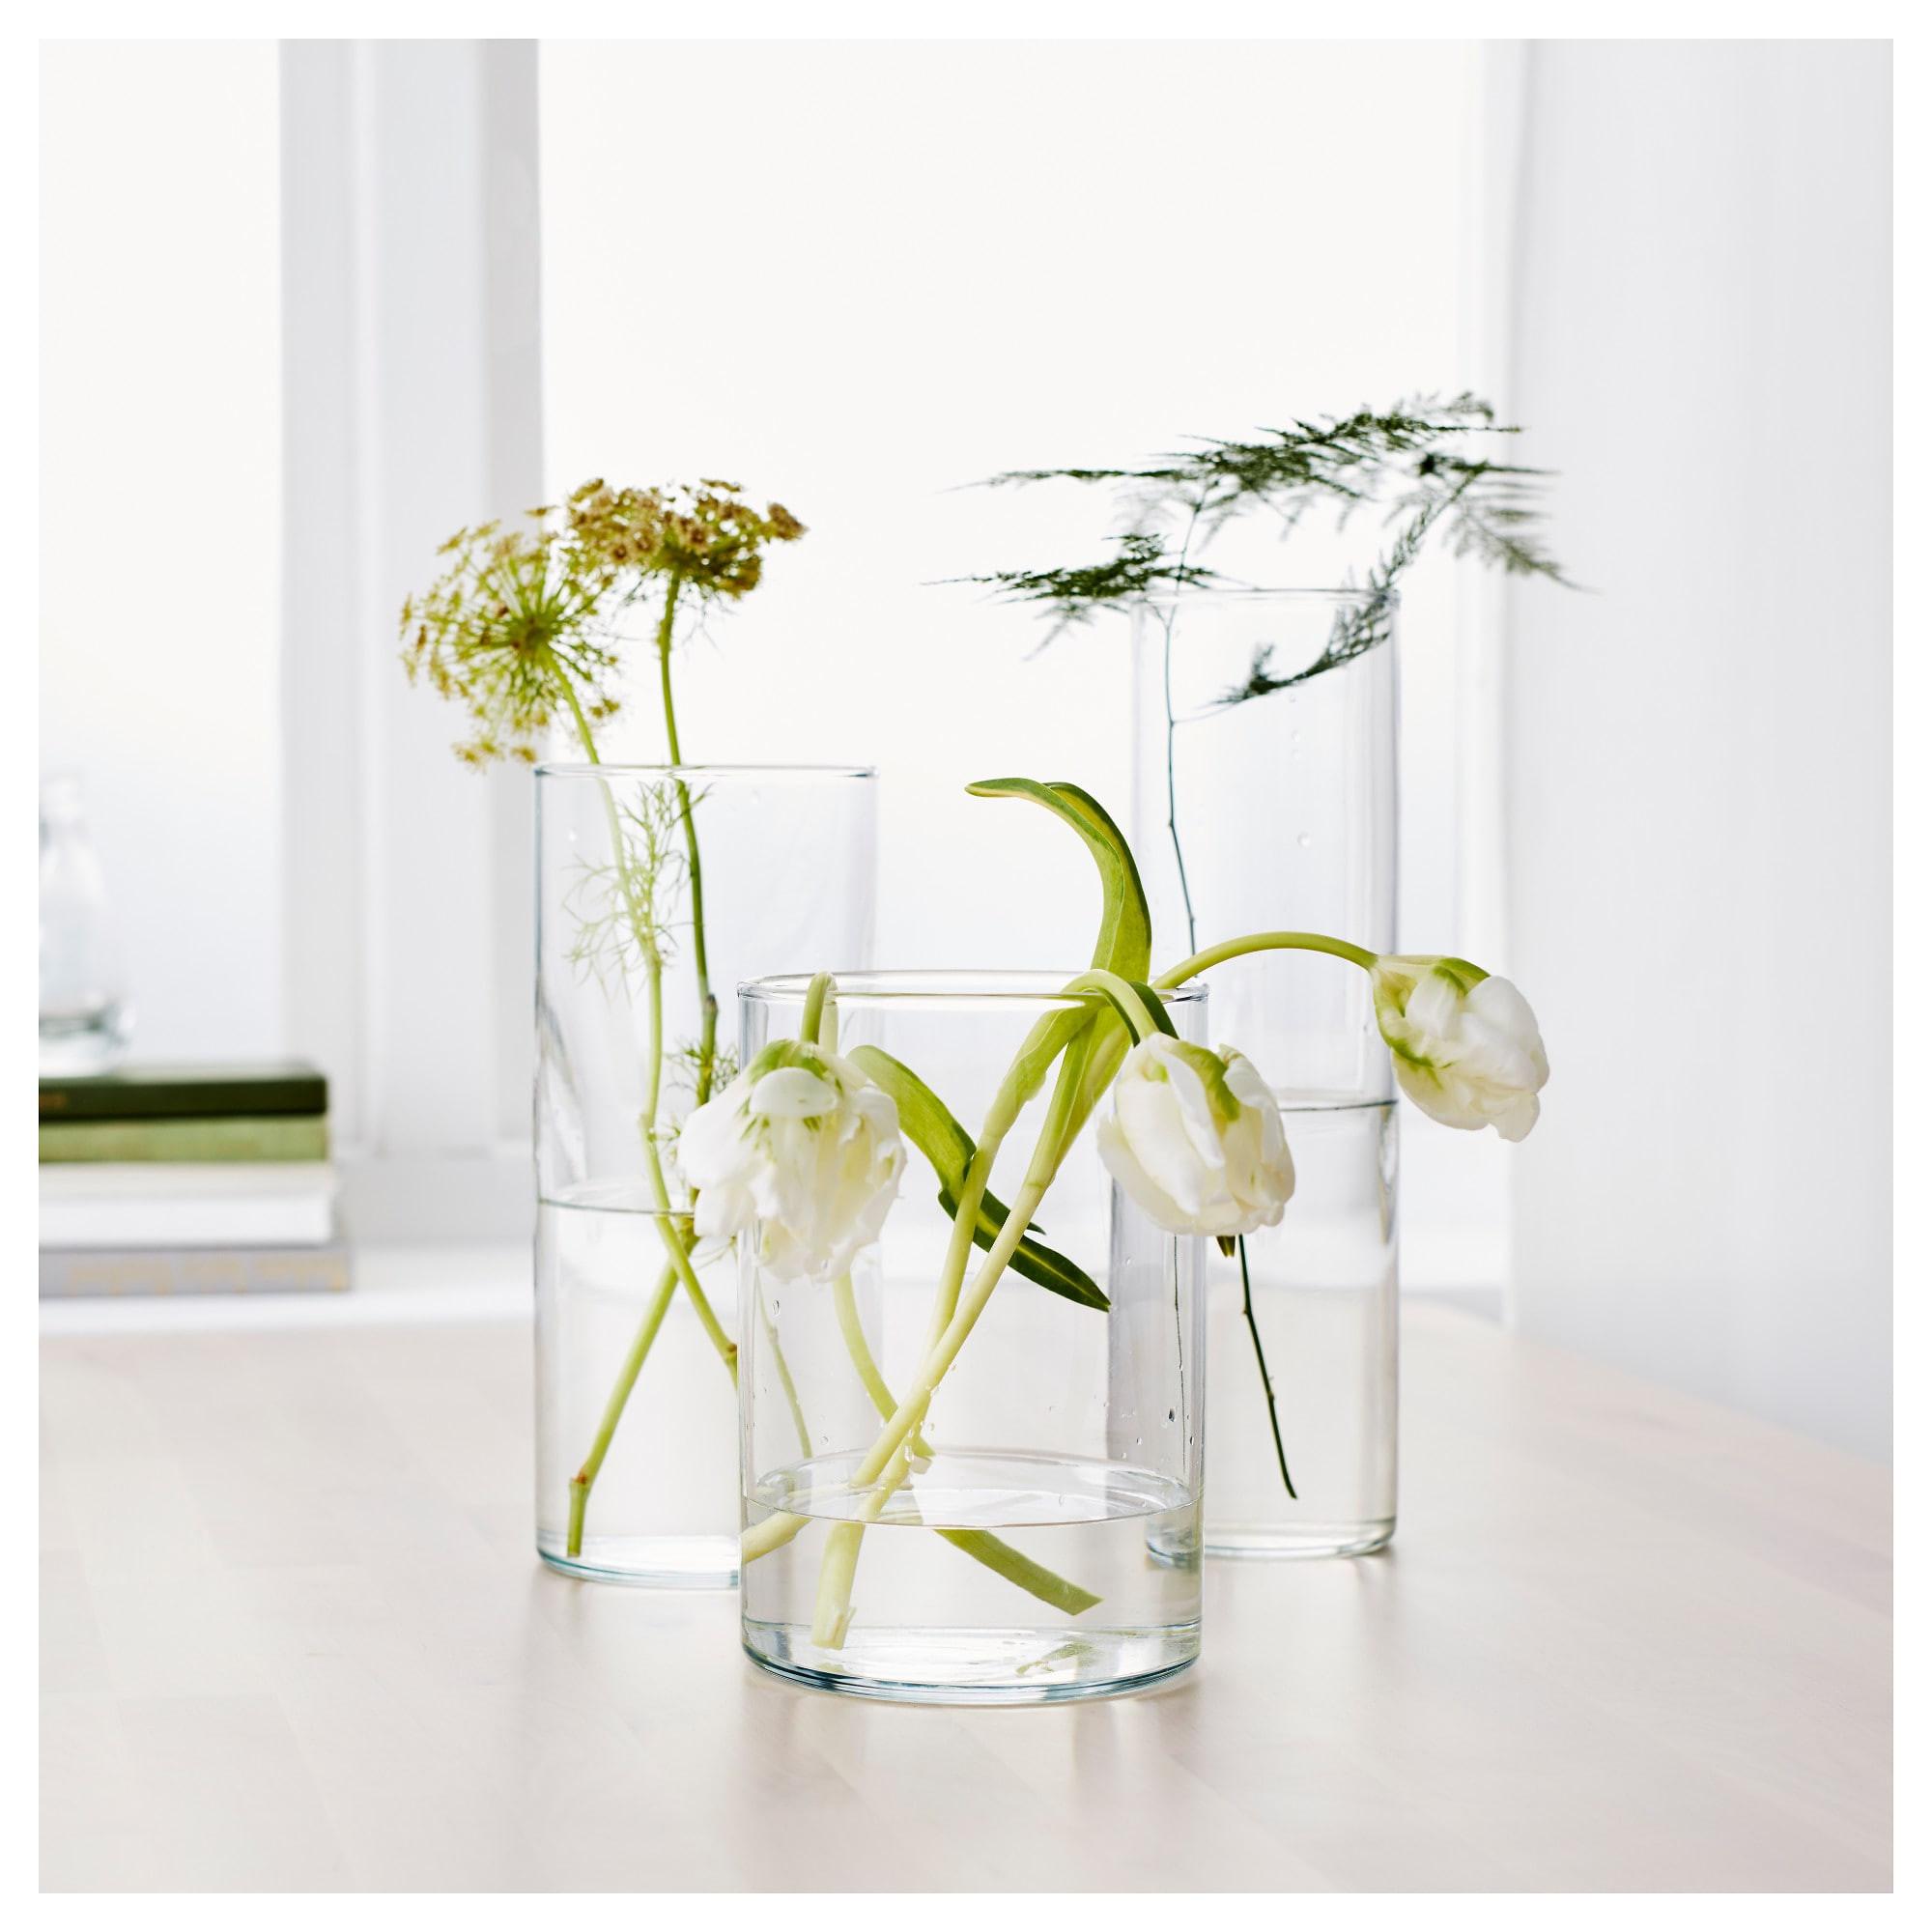 9 Inch Cylinder Vase Of Cylinder Vase Set Of 3 Ikea within 0429902 Pe584265 S5 Jpg